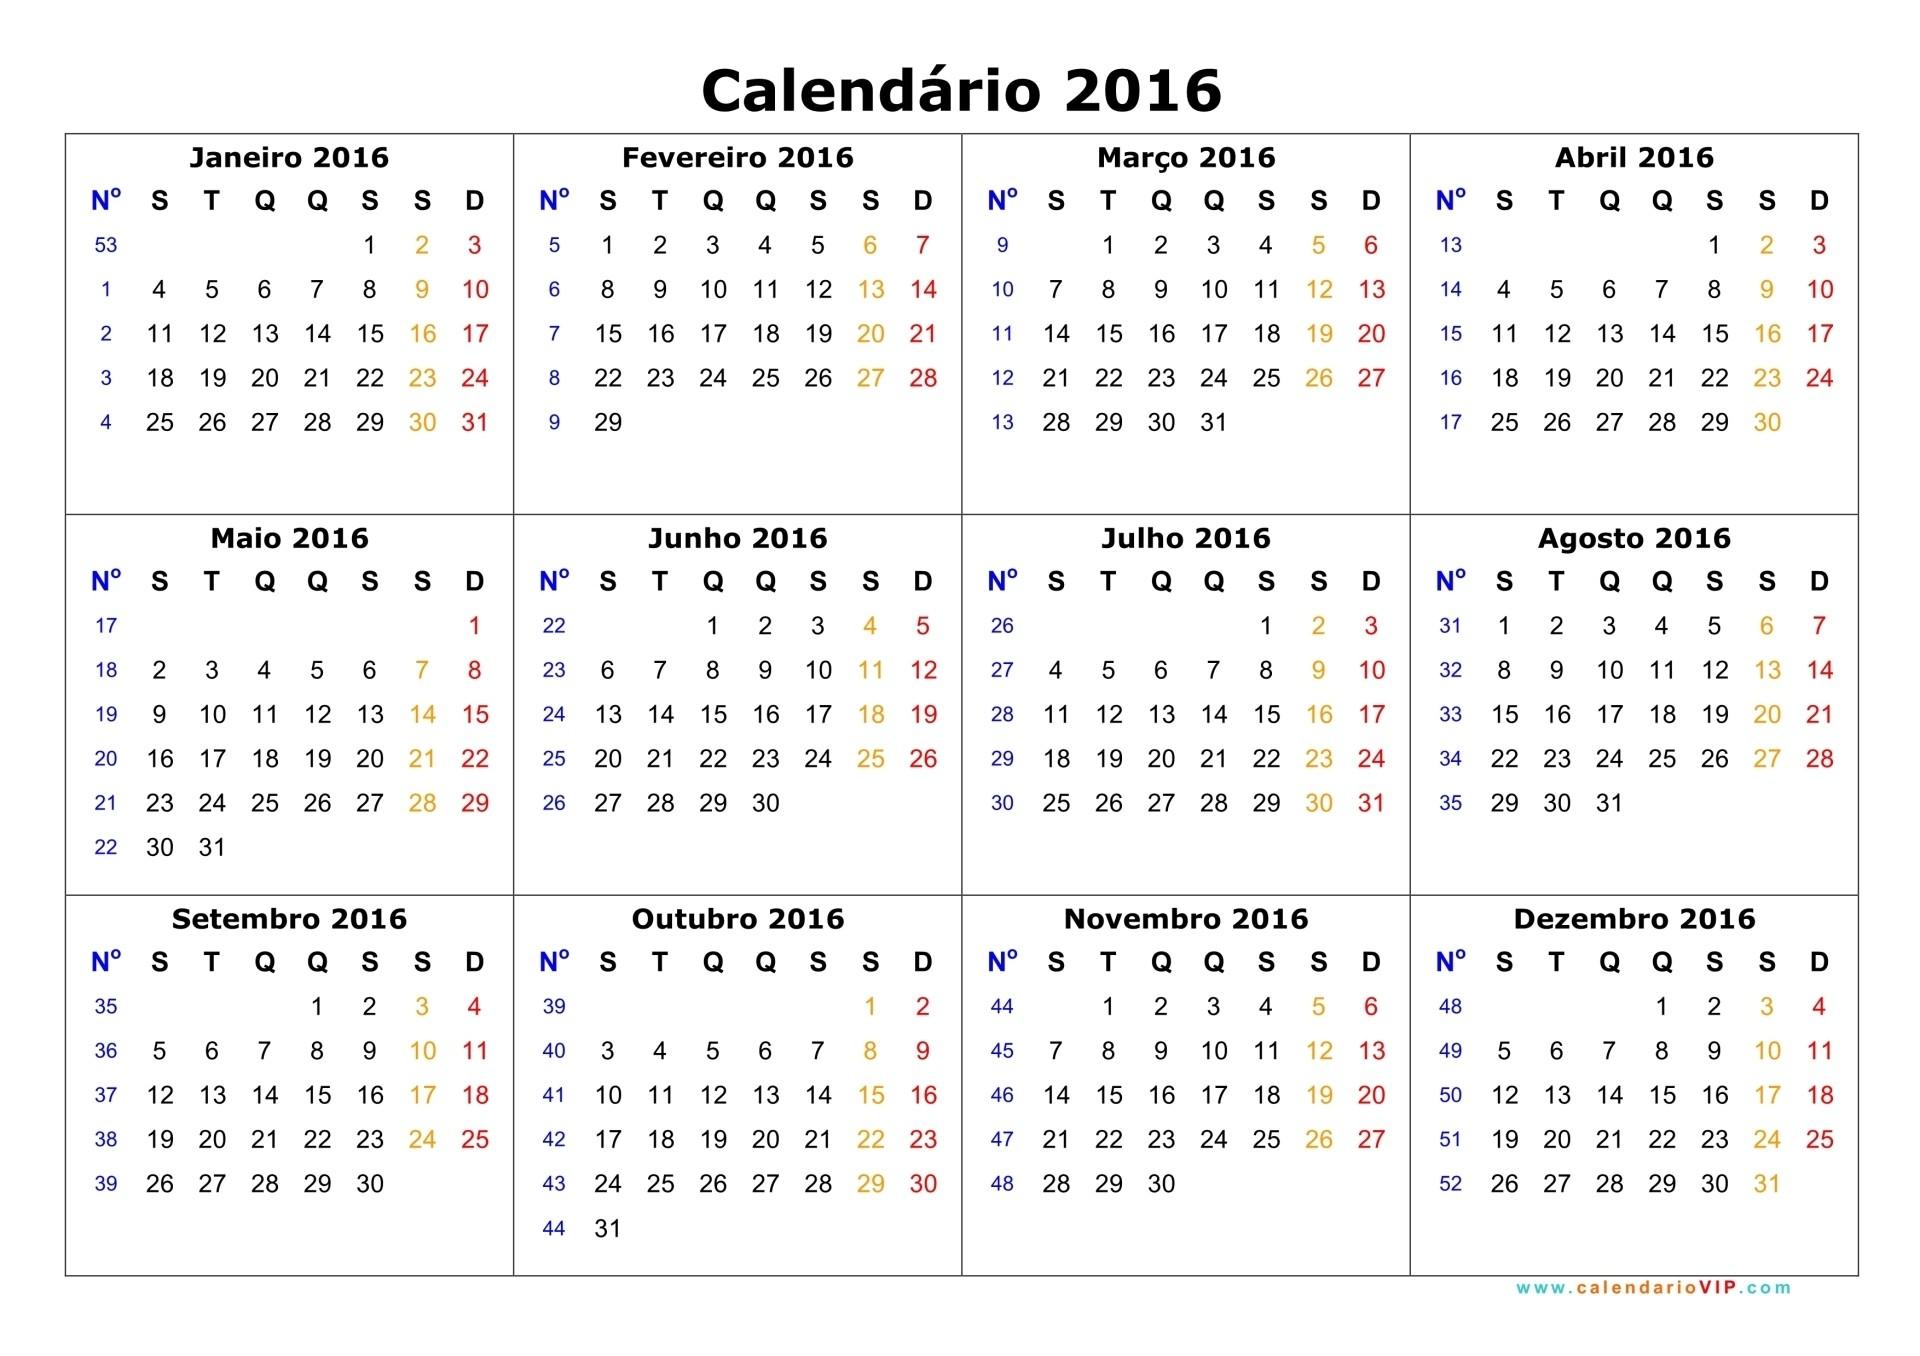 Calendario Agosto Para Imprimir 2016 Más Caliente Calendário 2016 Calendarios 2016 Para Imprimir Of Calendario Agosto Para Imprimir 2016 Más Recientes Calendario Para El A±o 2018 Con Manzanas En La Rama De Agosto — Foto